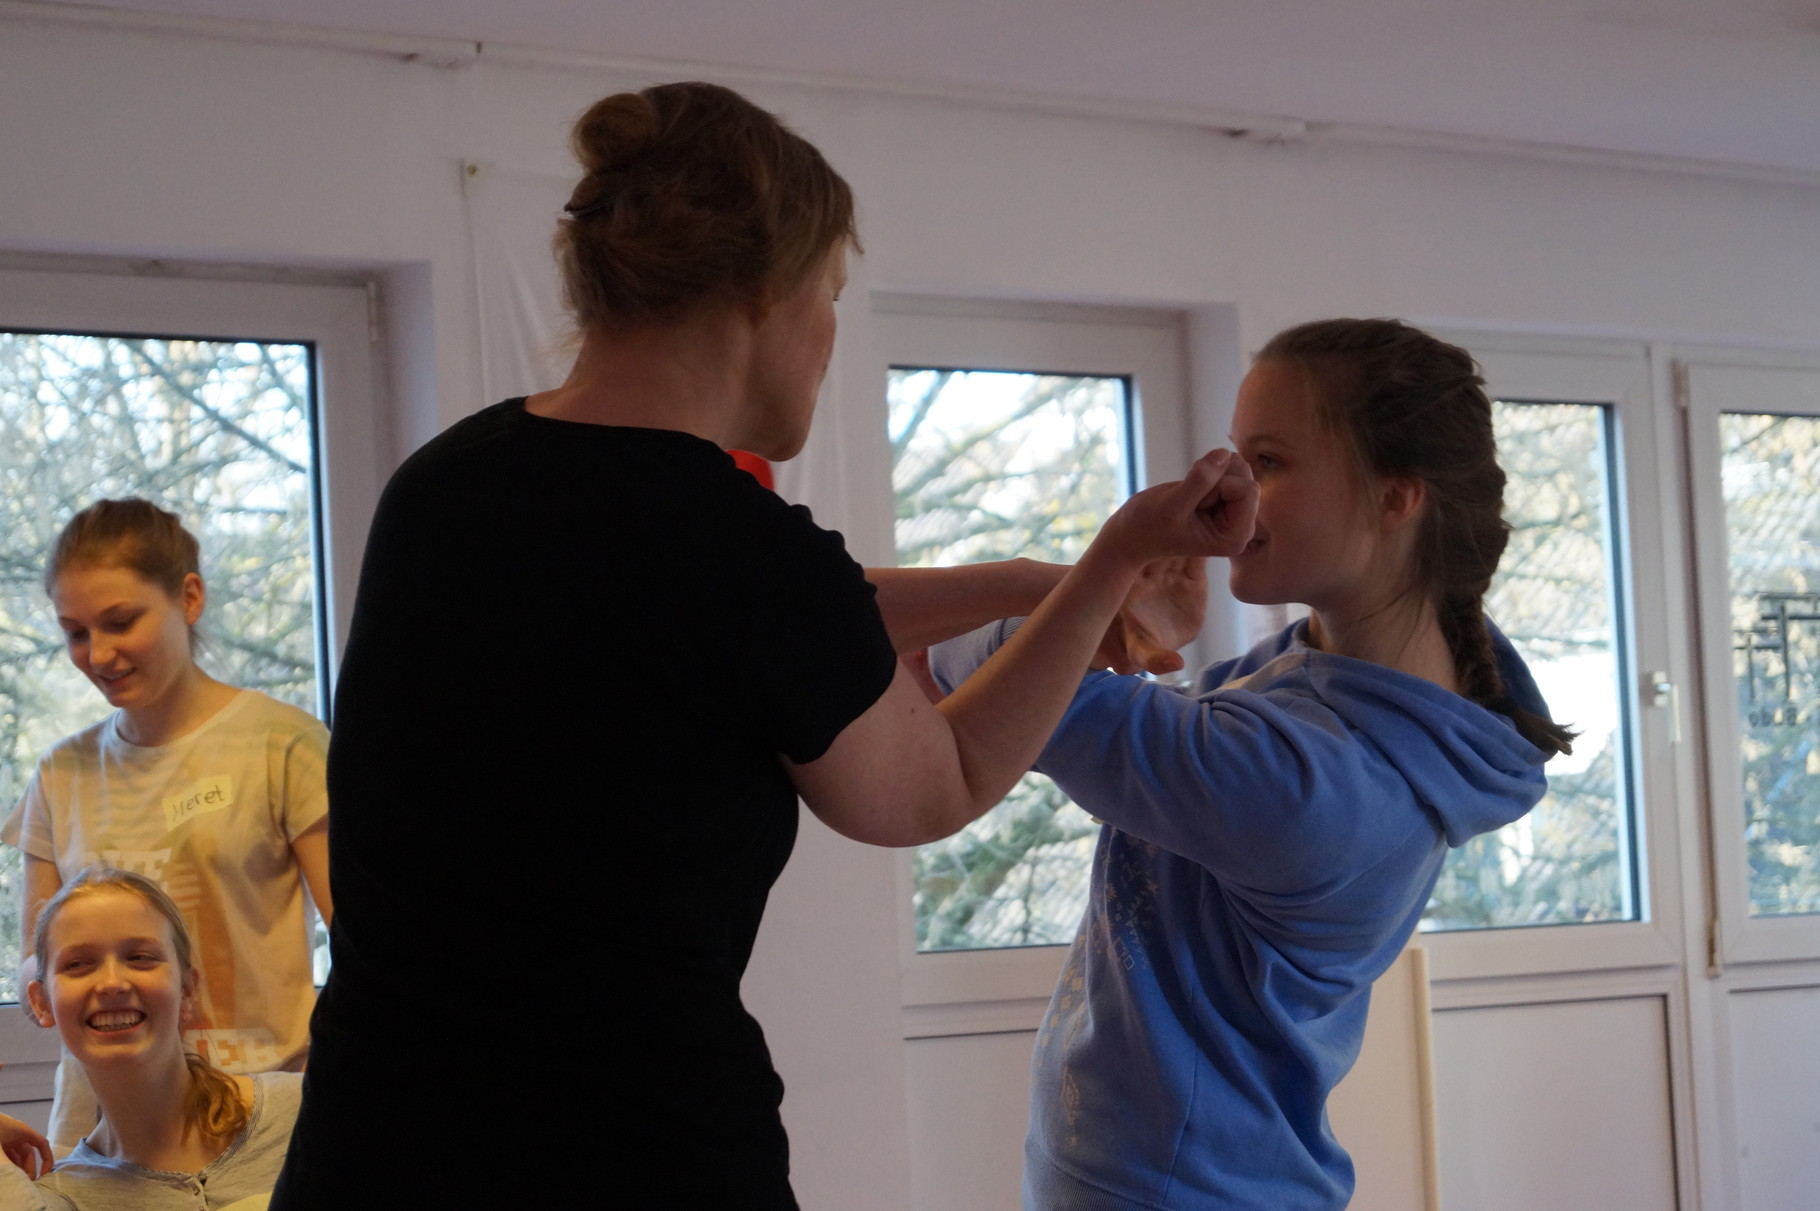 Selbstverteidigung für Mädchen und Frauen - Frauenselbstverteidigung - Bochum - Herne - Gelsenkirchen